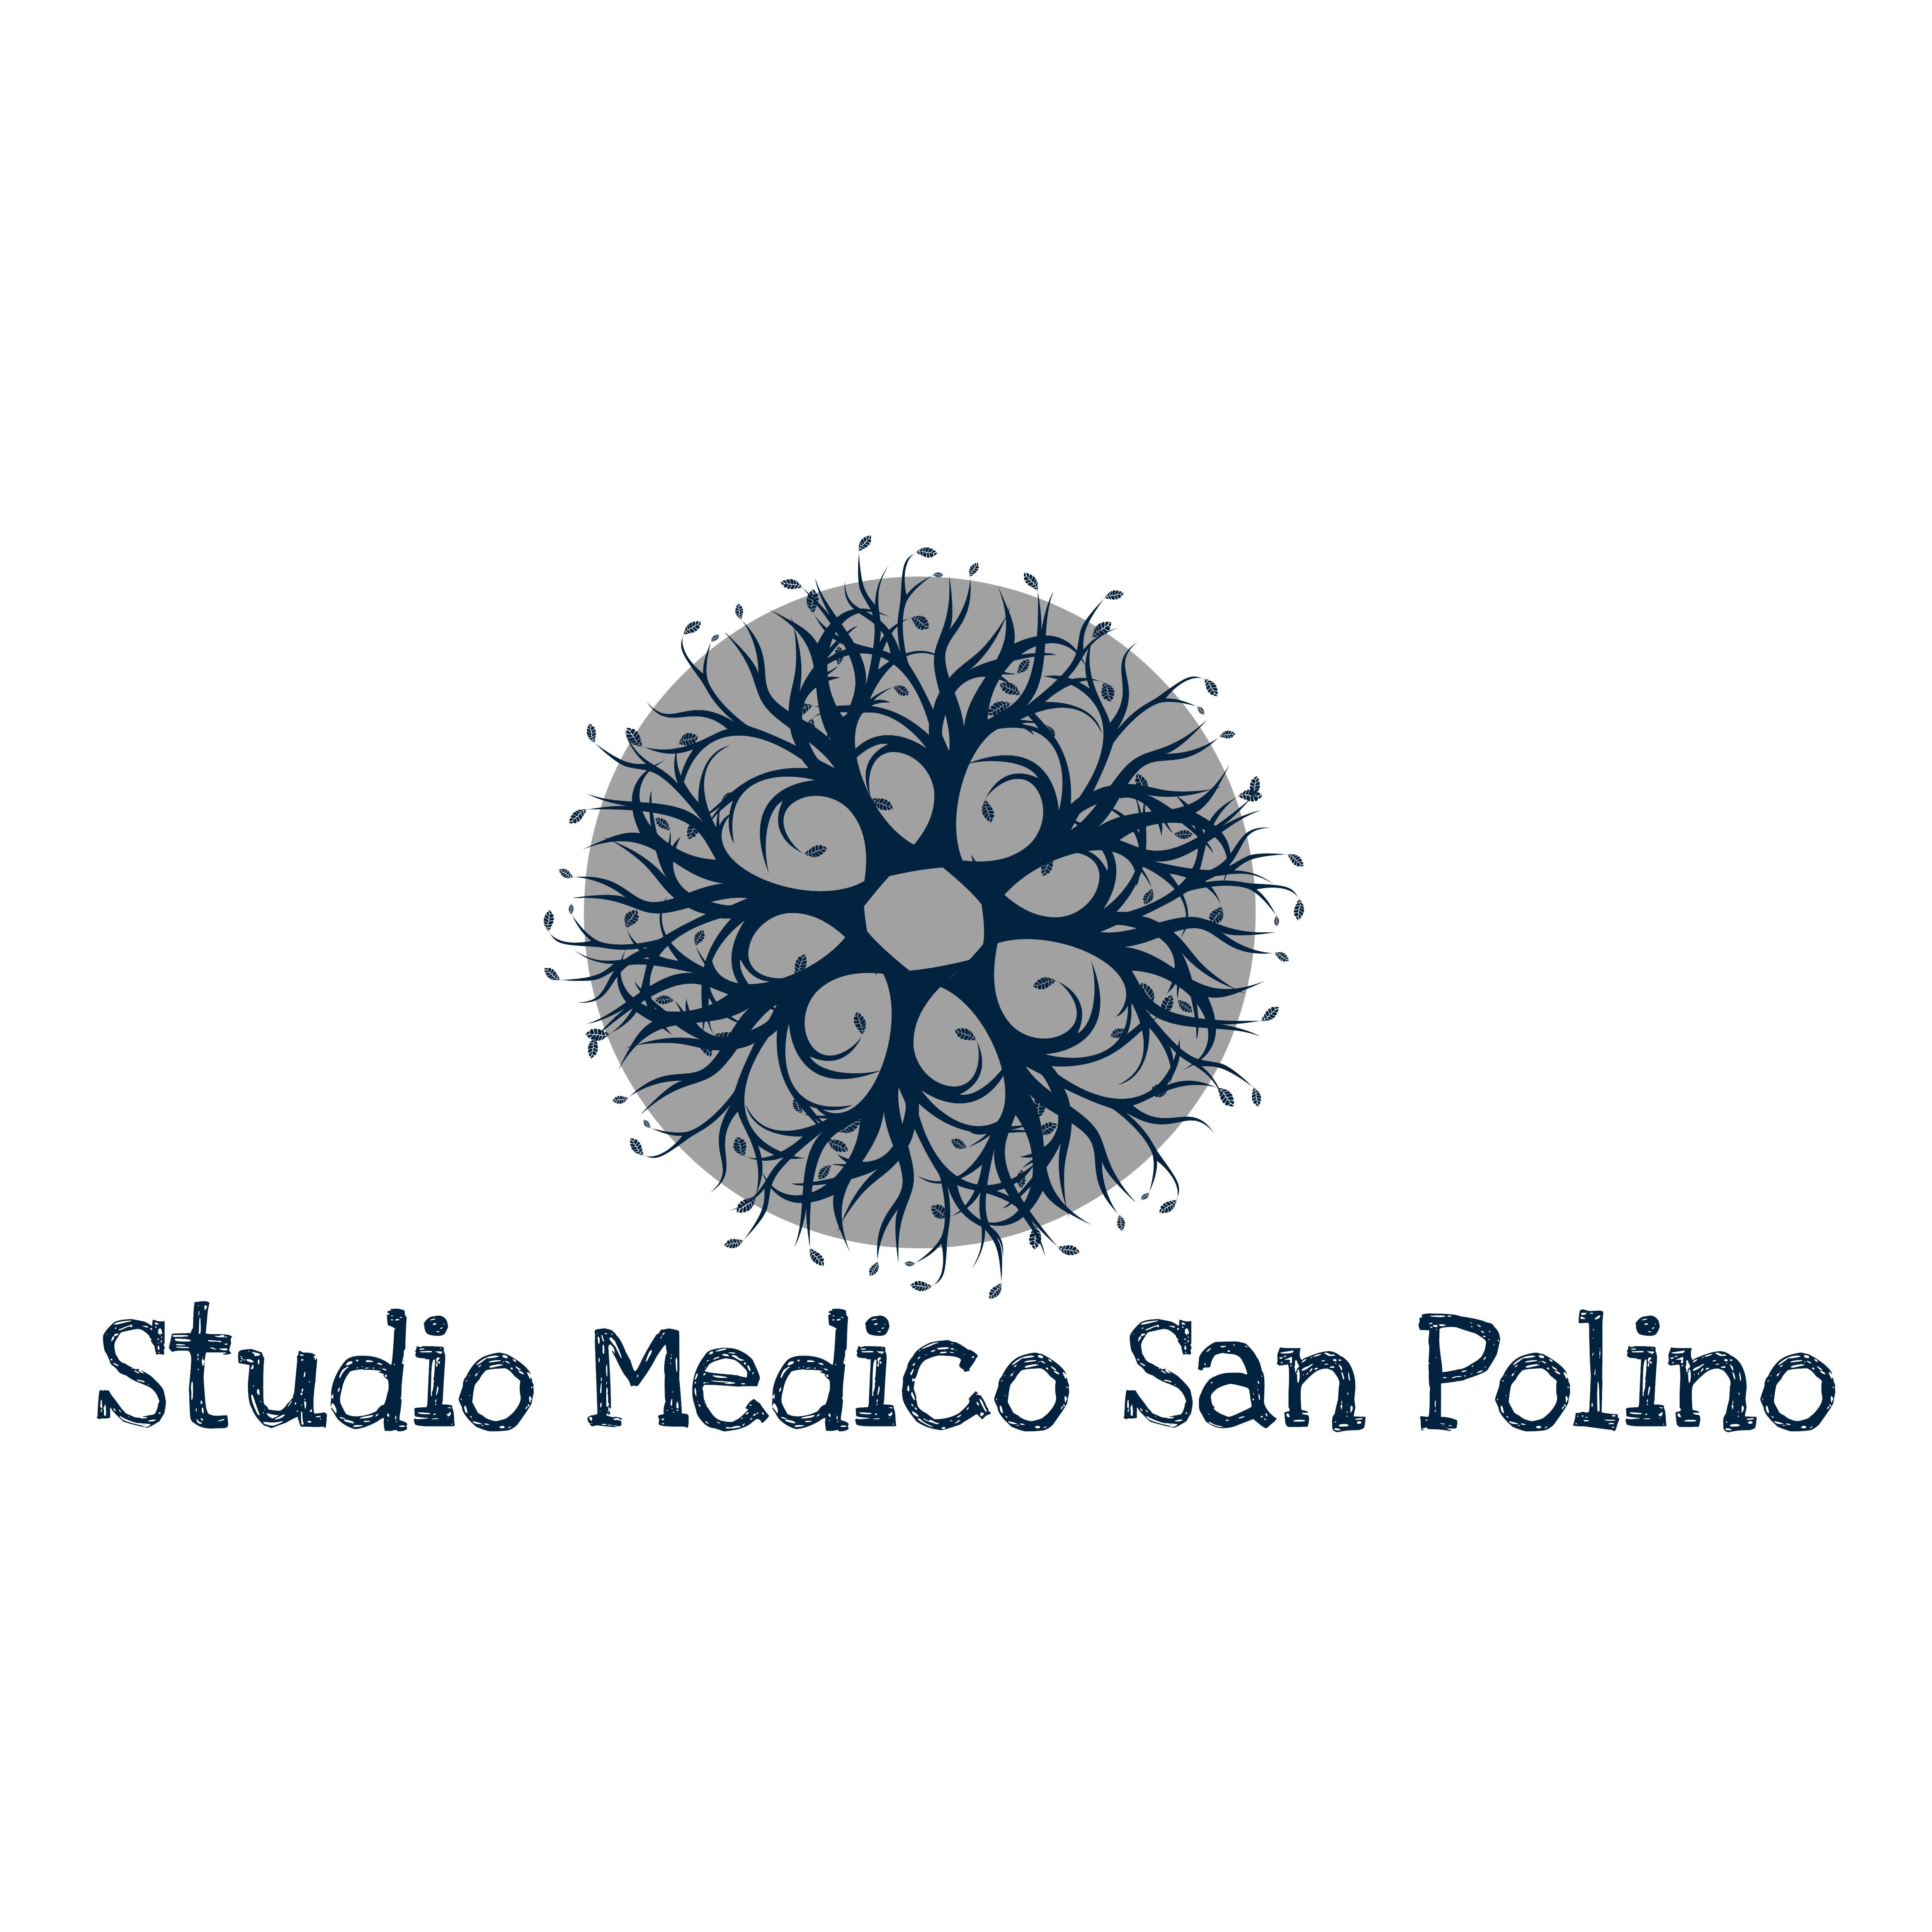 Studio Medico San Polino